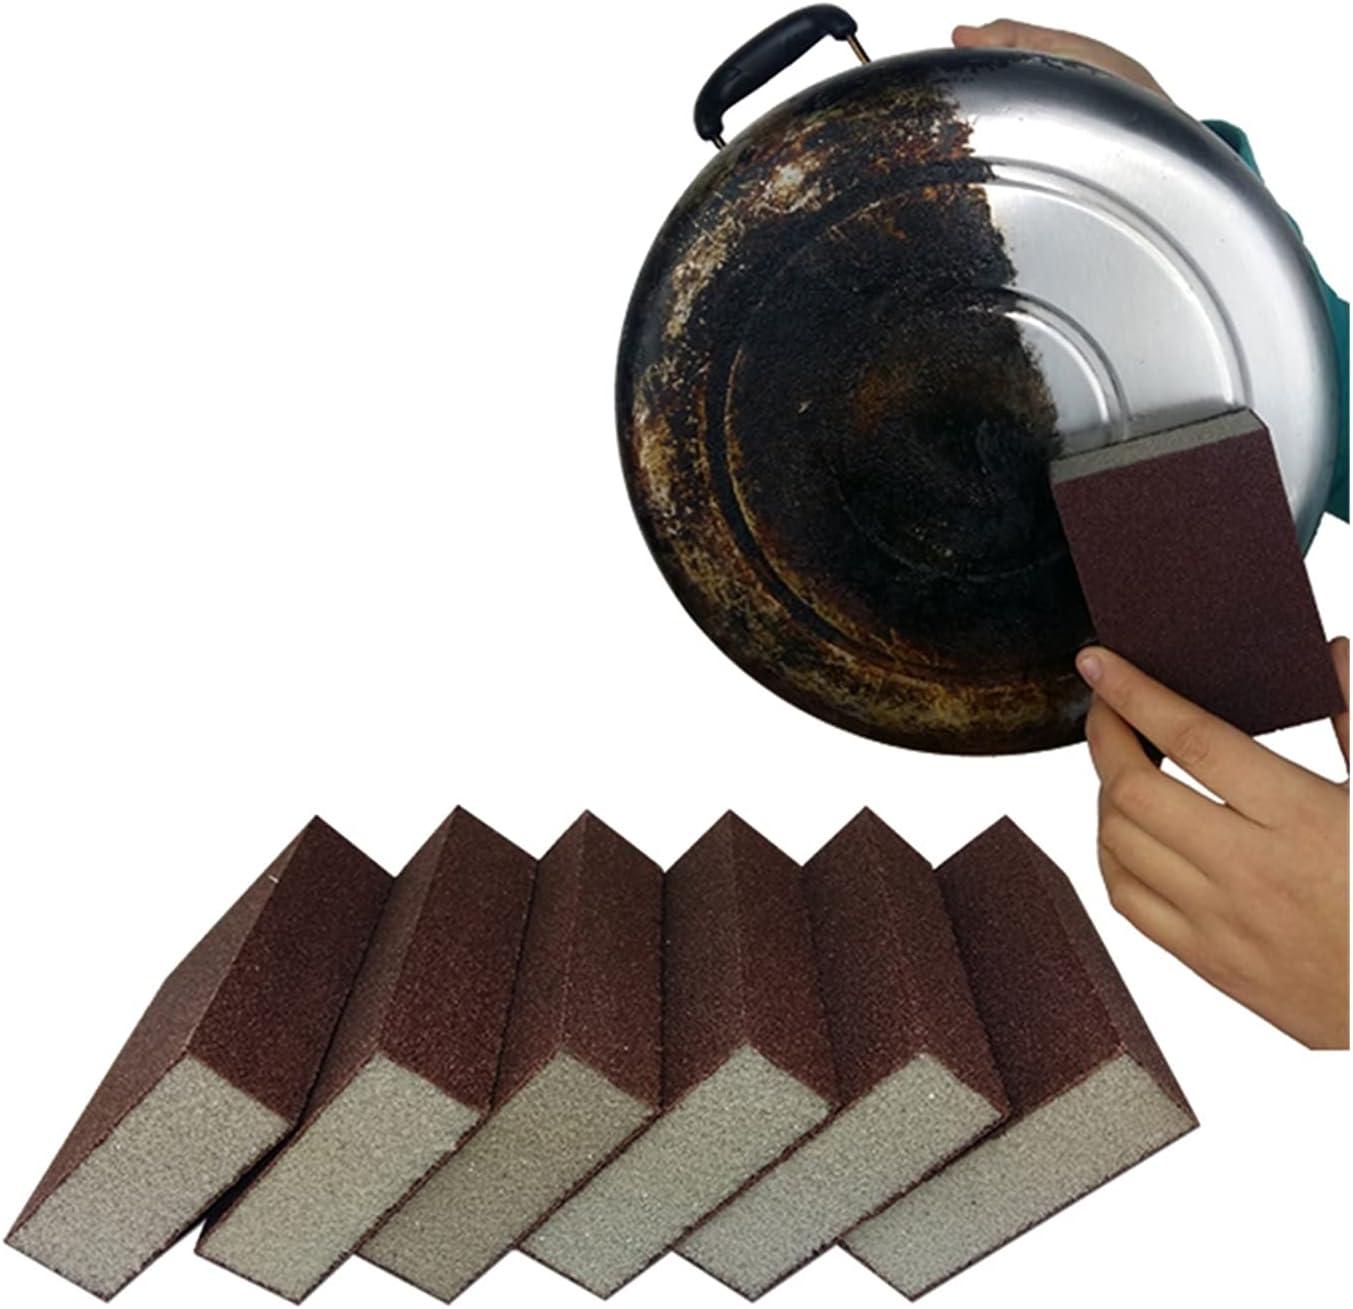 Multifunción Accesorios de cocina NANO SPONGE ERASER MAGICAS MOHO MOHO REPETE EL CURNO DE LA PUT POT CLEANER COMPRECIENTES HERRAMIENTES DE LIMPIEZA DE COCINA GADGETS para lavar platos en el fregadero